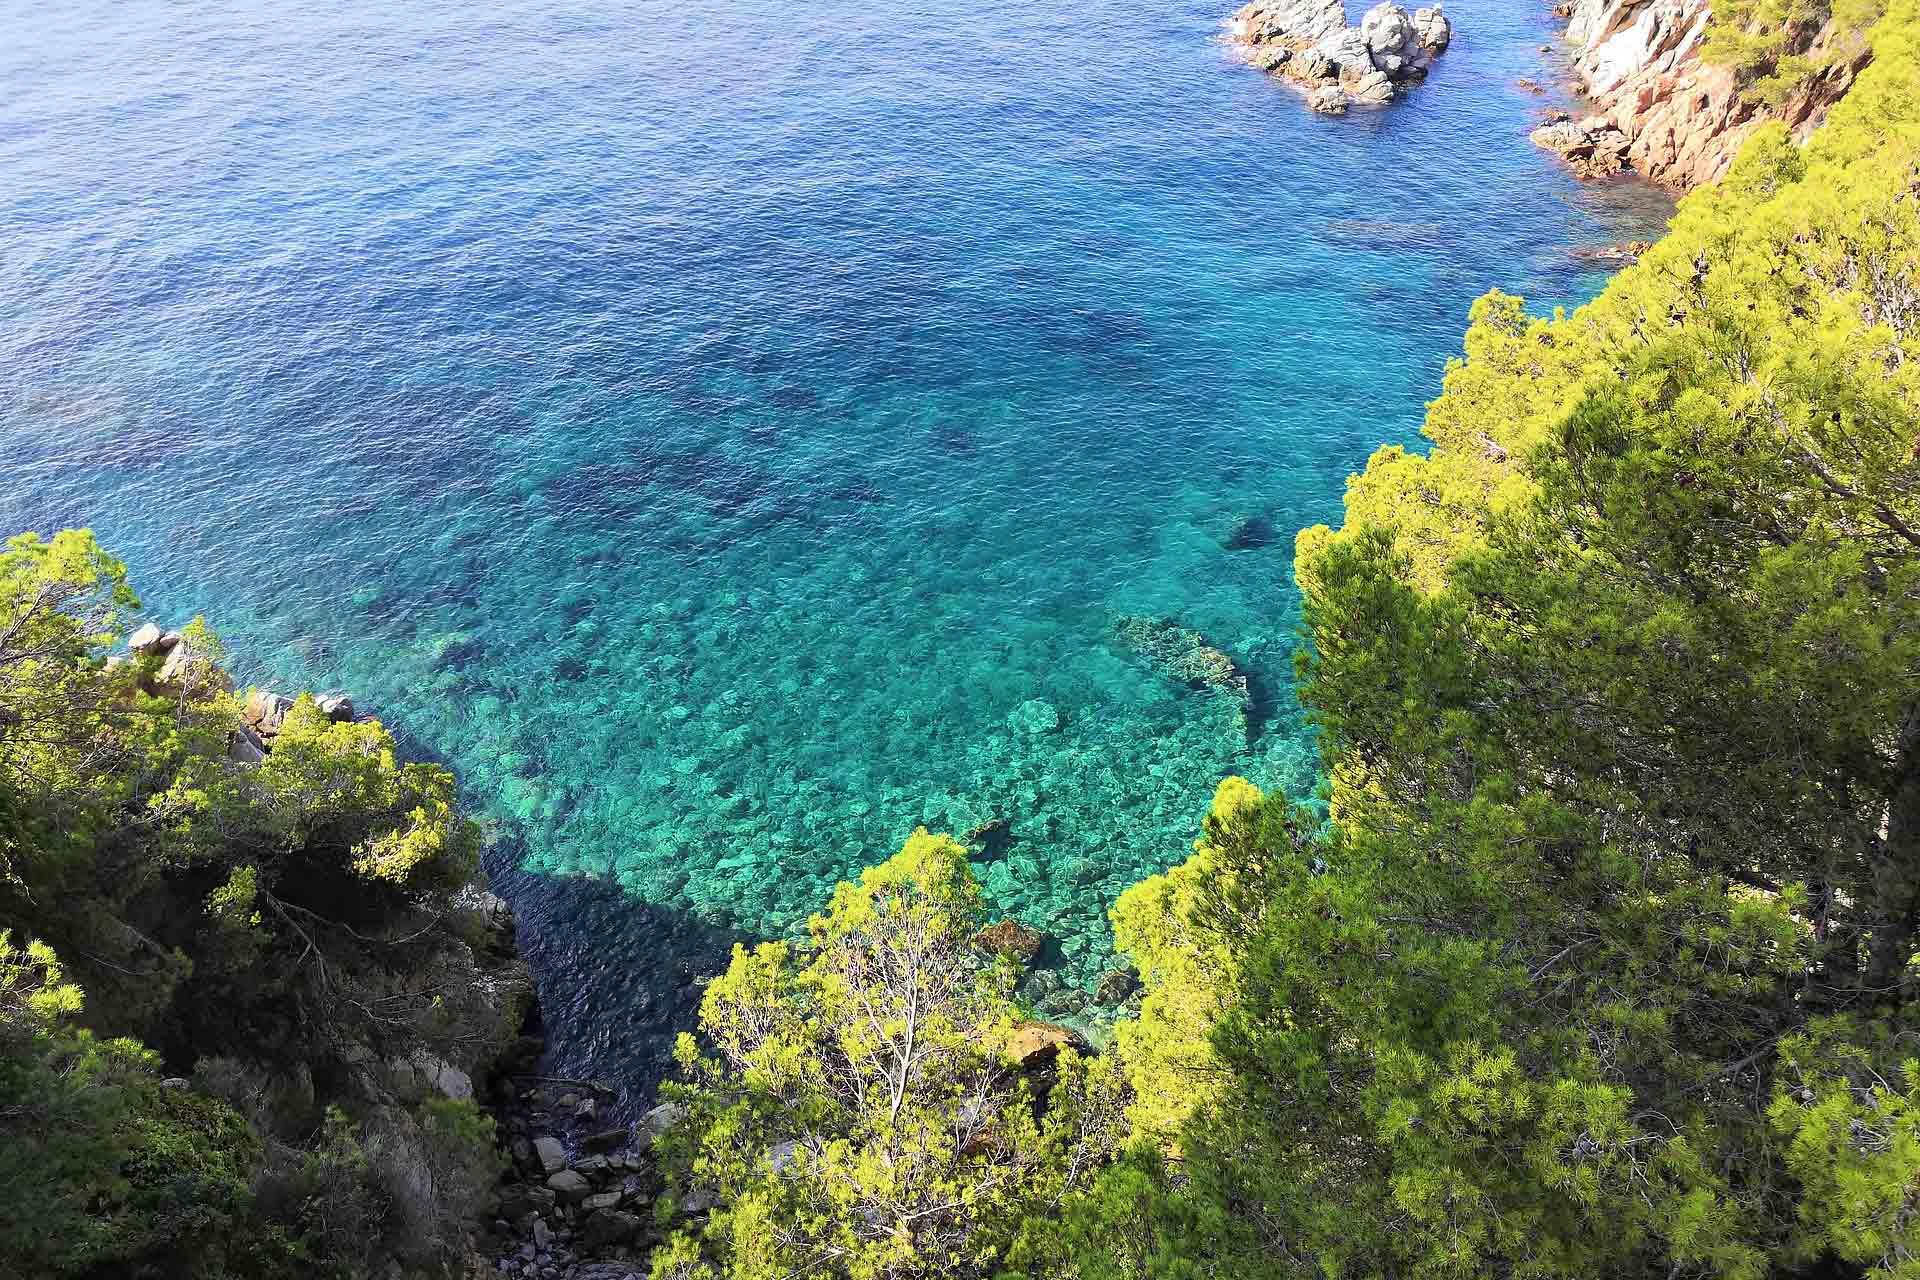 Séjour Costa Brava : 8J/7N dès 307€ avec vol de Lyon, hôtel 4*, demi-pension, piscine & spa